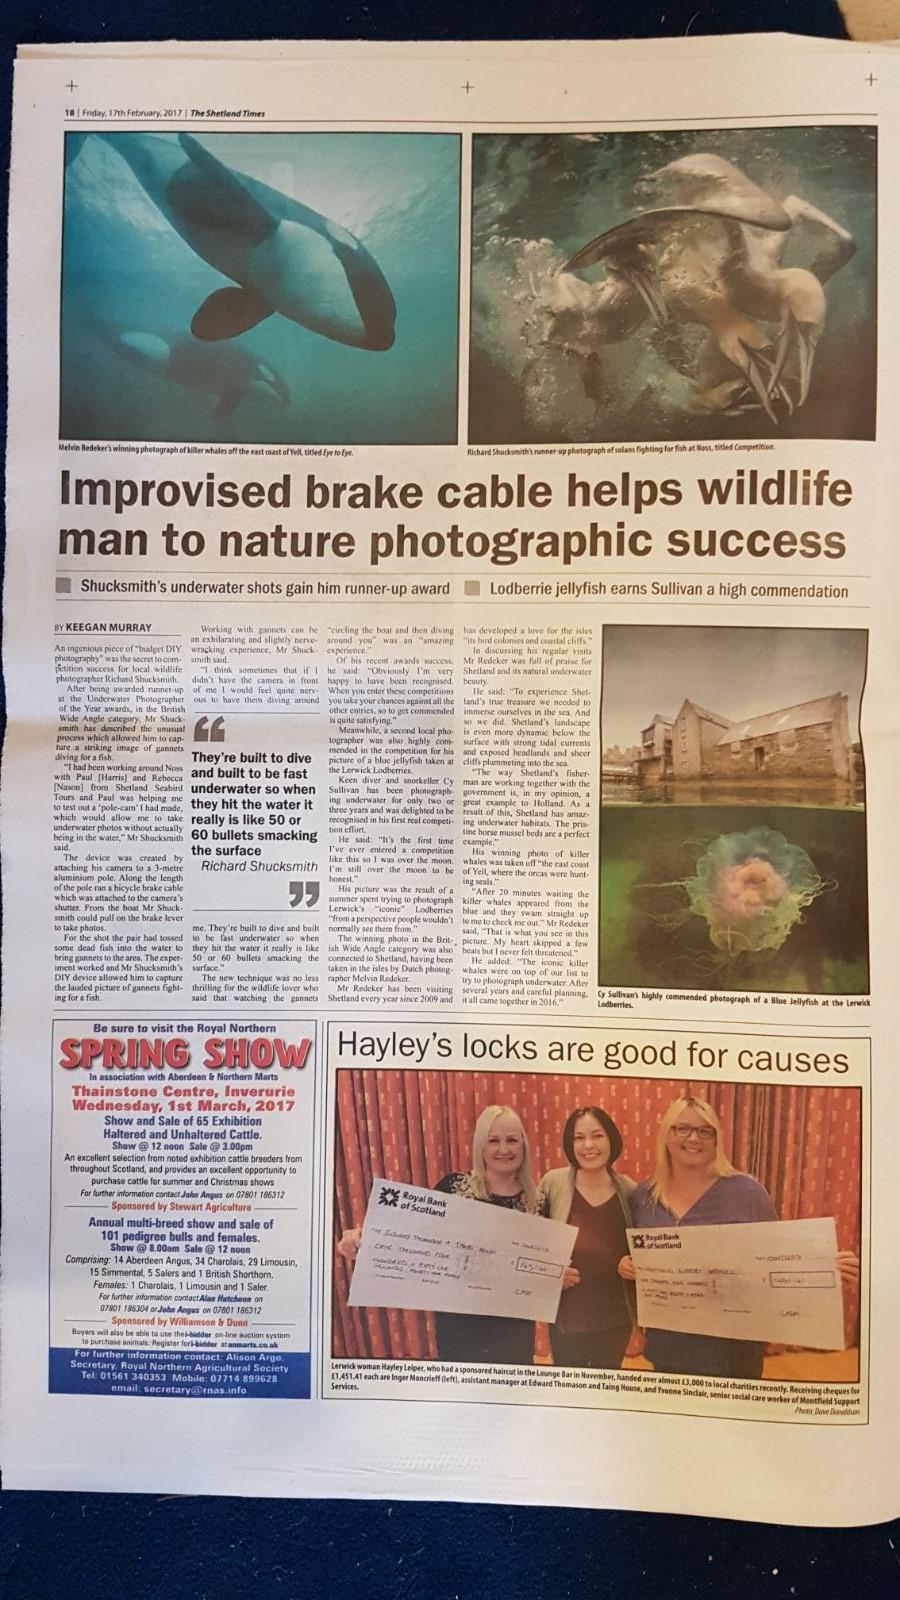 Shetland Times: Melvin Redeker's winning photograph of killer whales